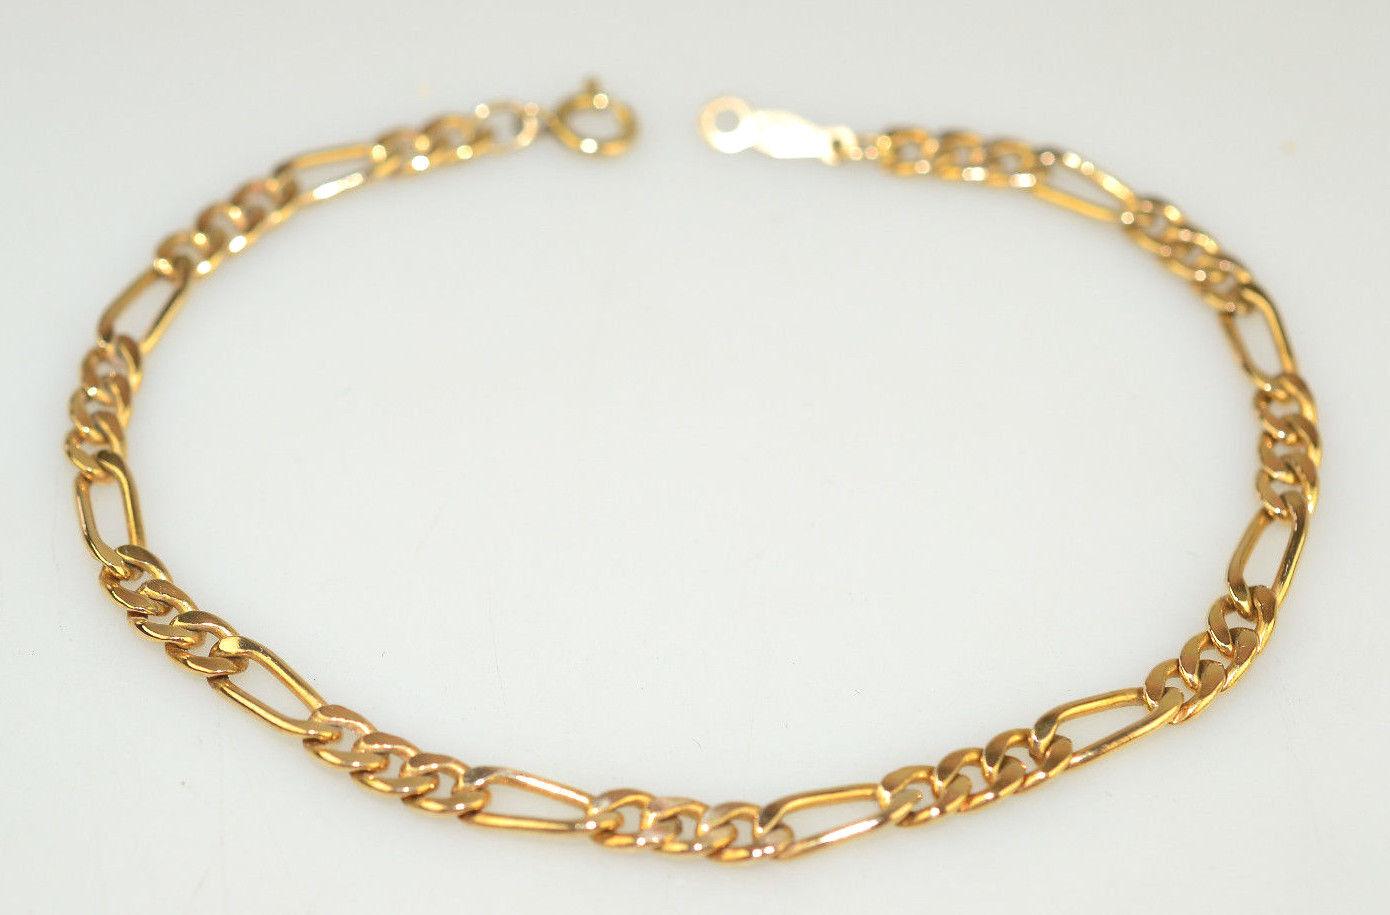 VINTAGE 14K gold FILLED FIGARO LINK CHARM BRACELET 7 1 8 INCHES LONG 3.4 GRAMS